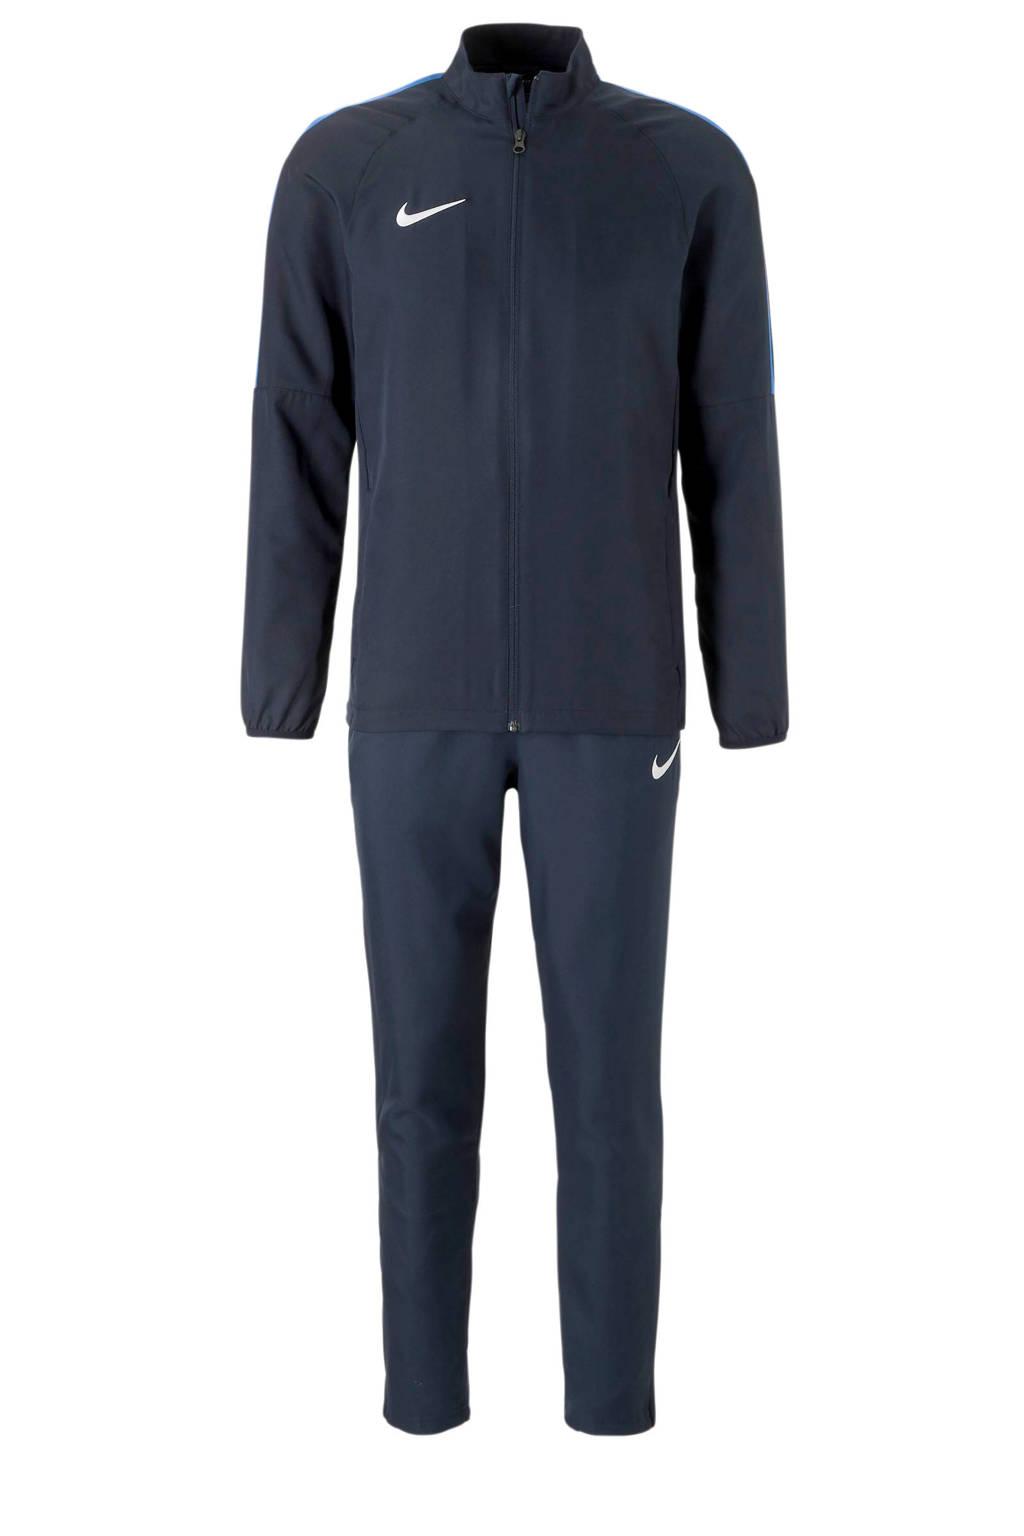 Nike   trainingspak rood/zwart, Donkerblauw/blauw